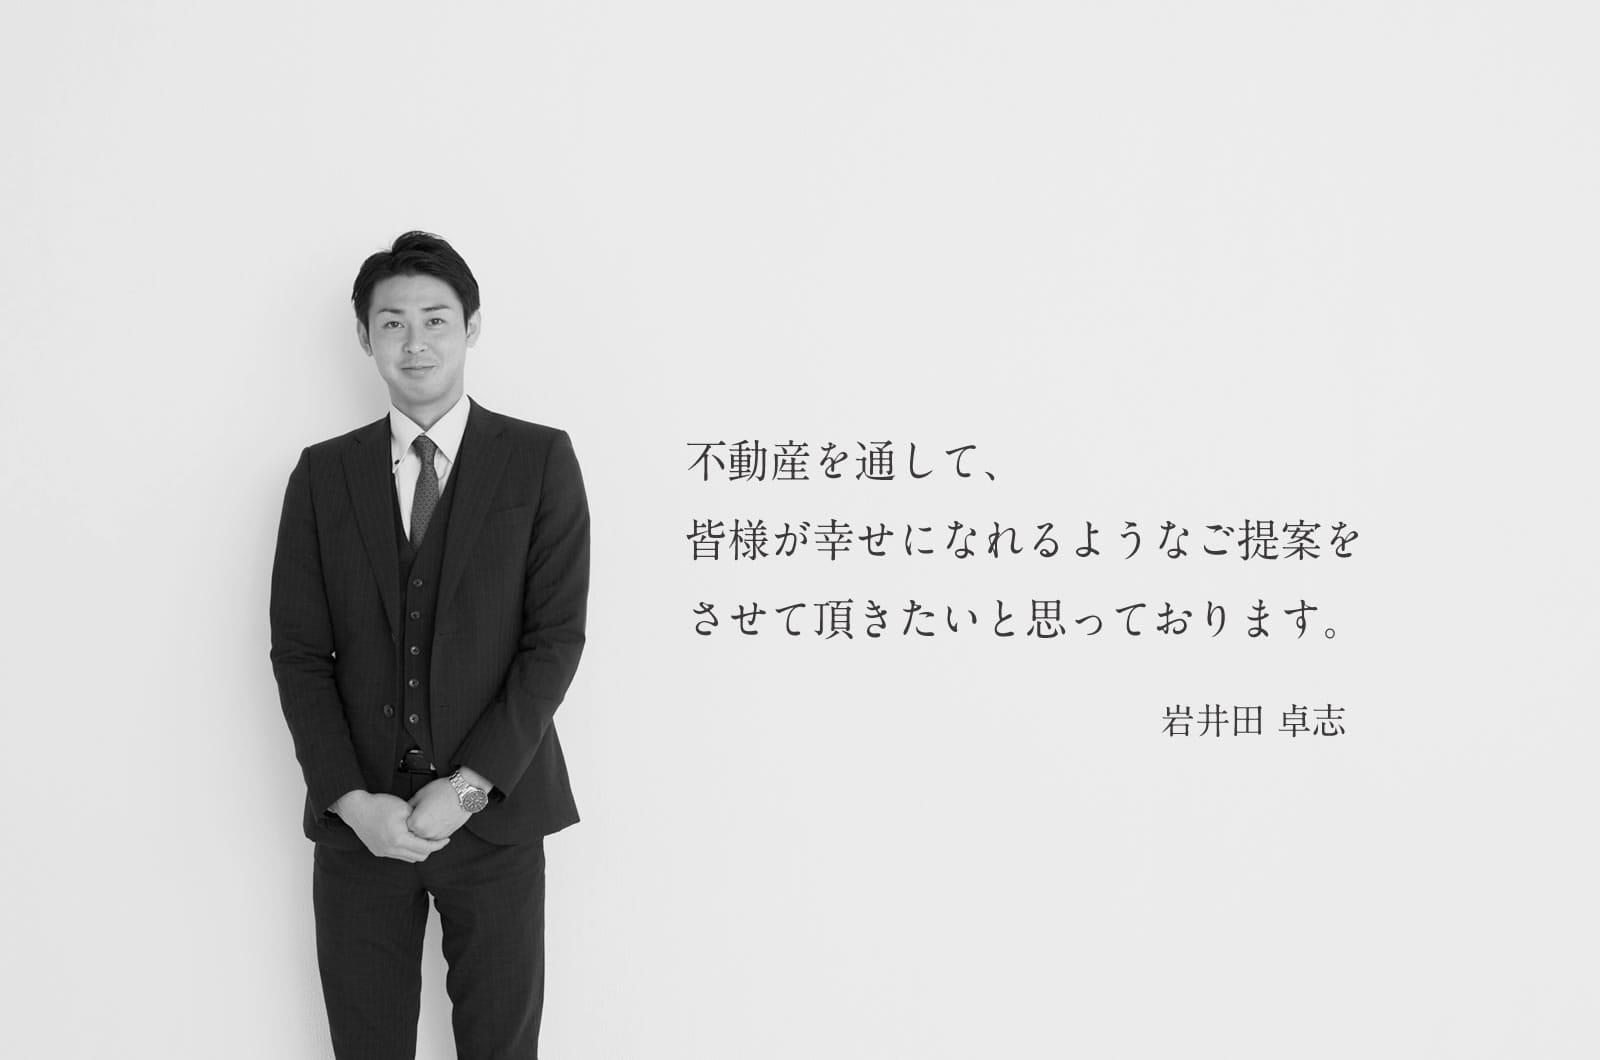 足を使い、泥臭く人間関係を構築していきます。岩井田 卓志